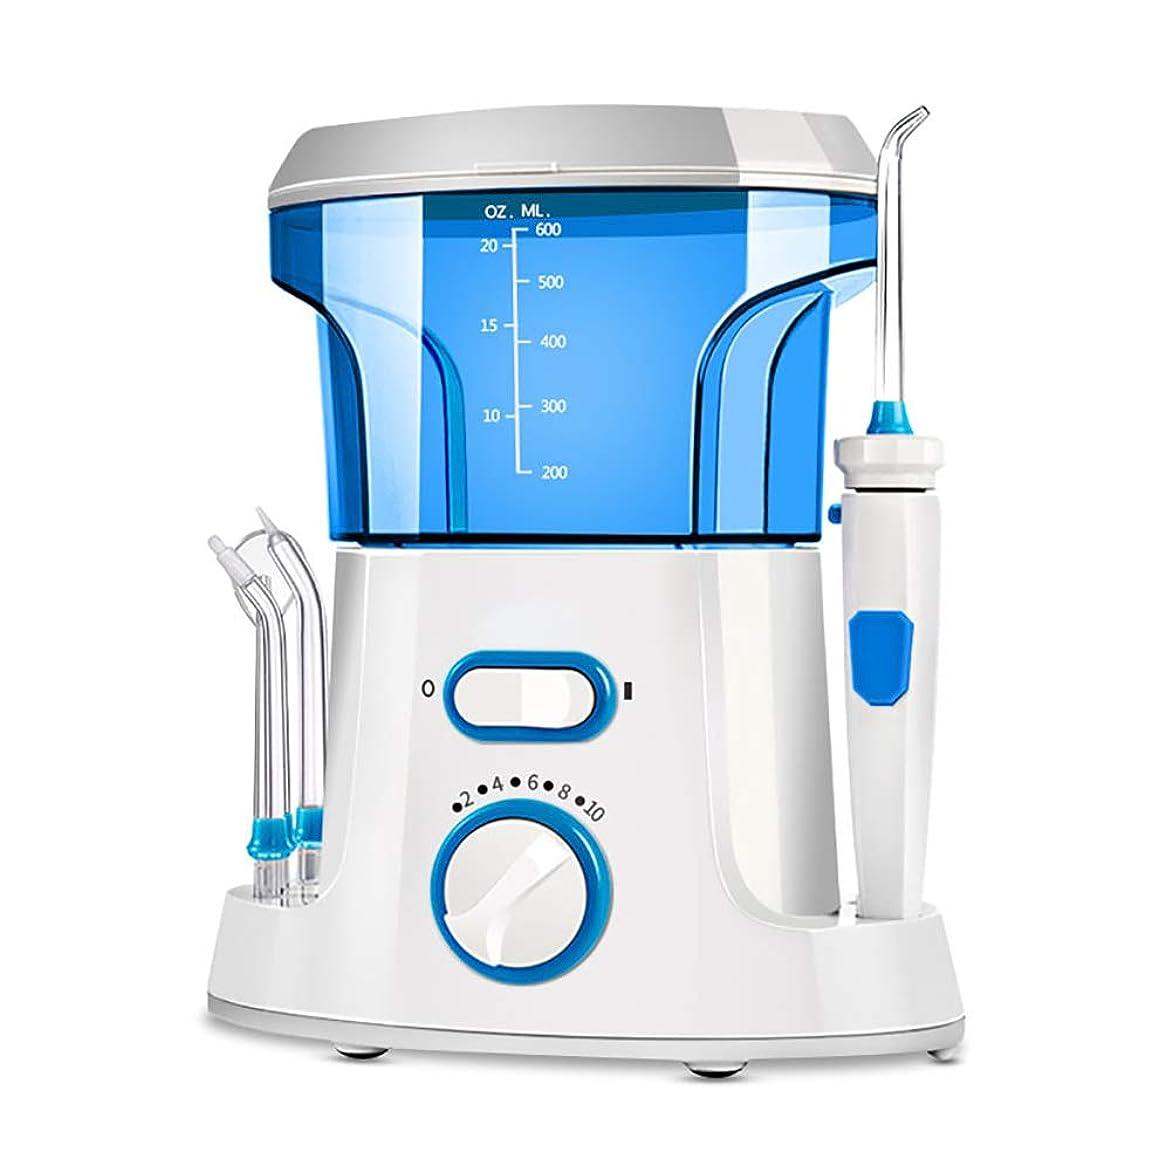 大臣シェルタースズメバチ電気歯の洗剤のキットの世帯の自動理性的な口腔きれいな歯